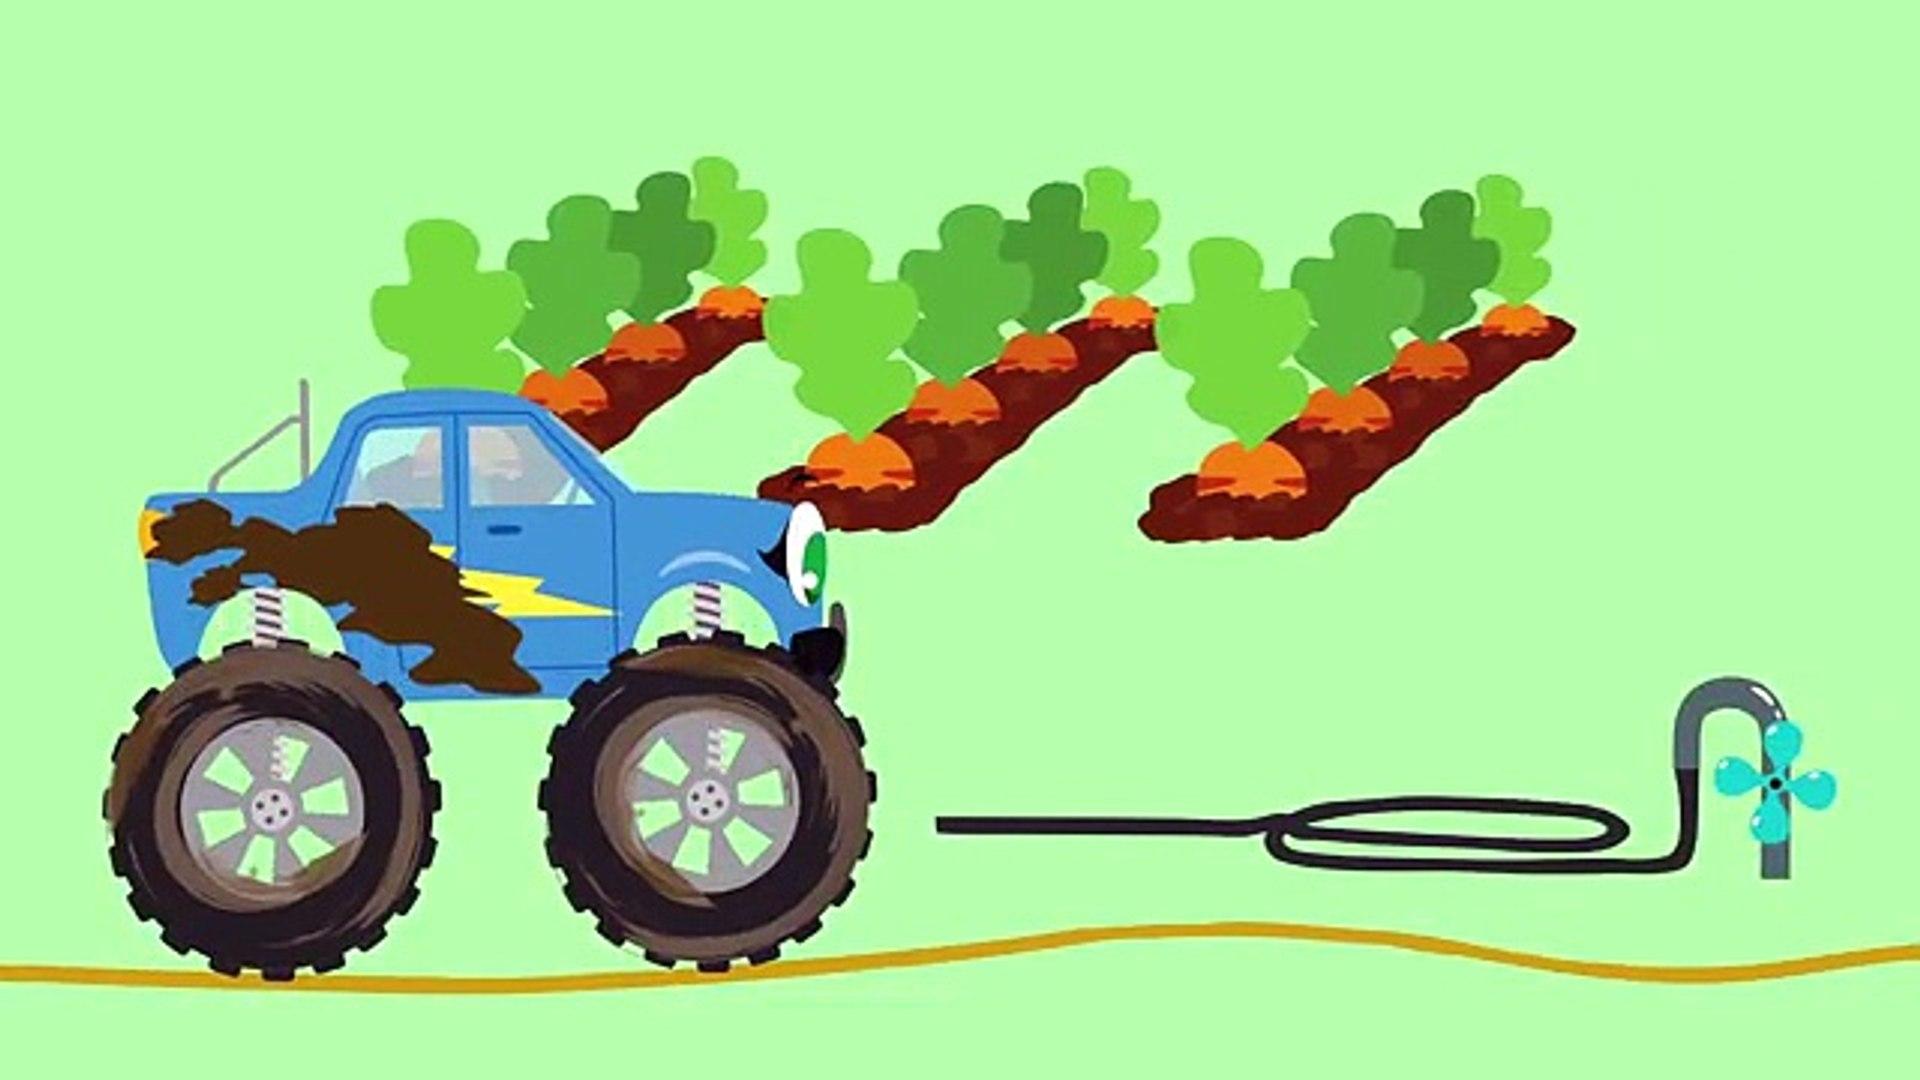 Монстр-трак Бибика на ферме - Овощи - Развивающие мультики про машинки для детей, малышей